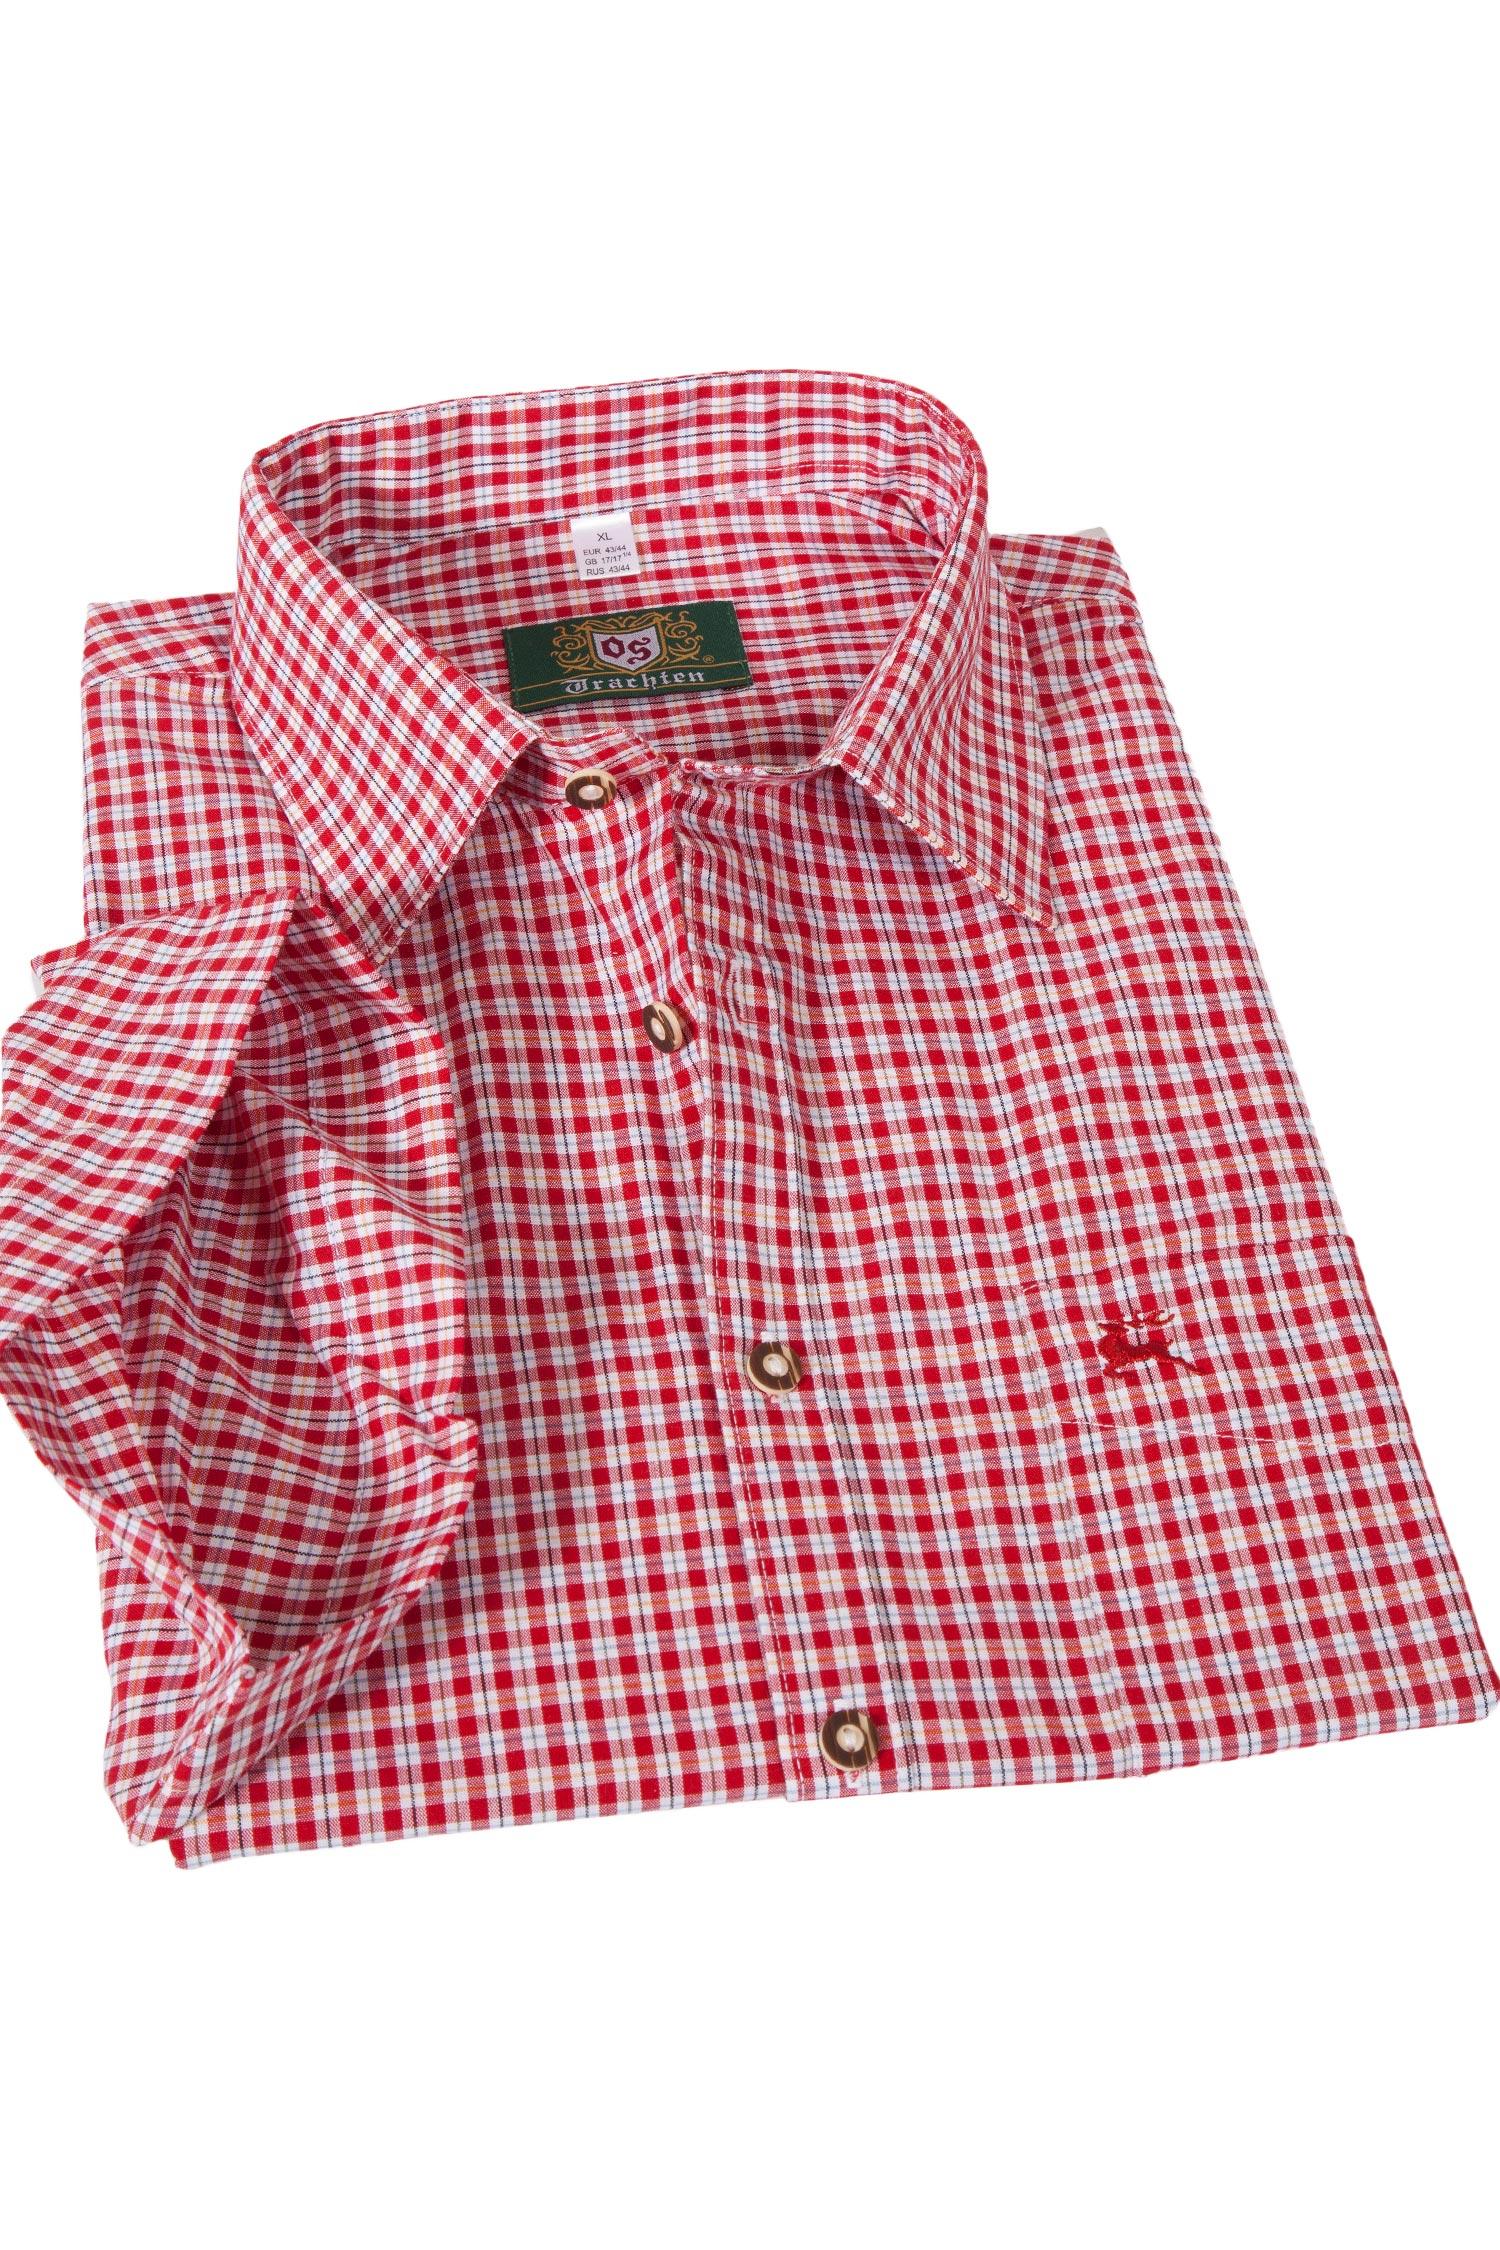 Trachtenhemd Kurzarm rot kariert